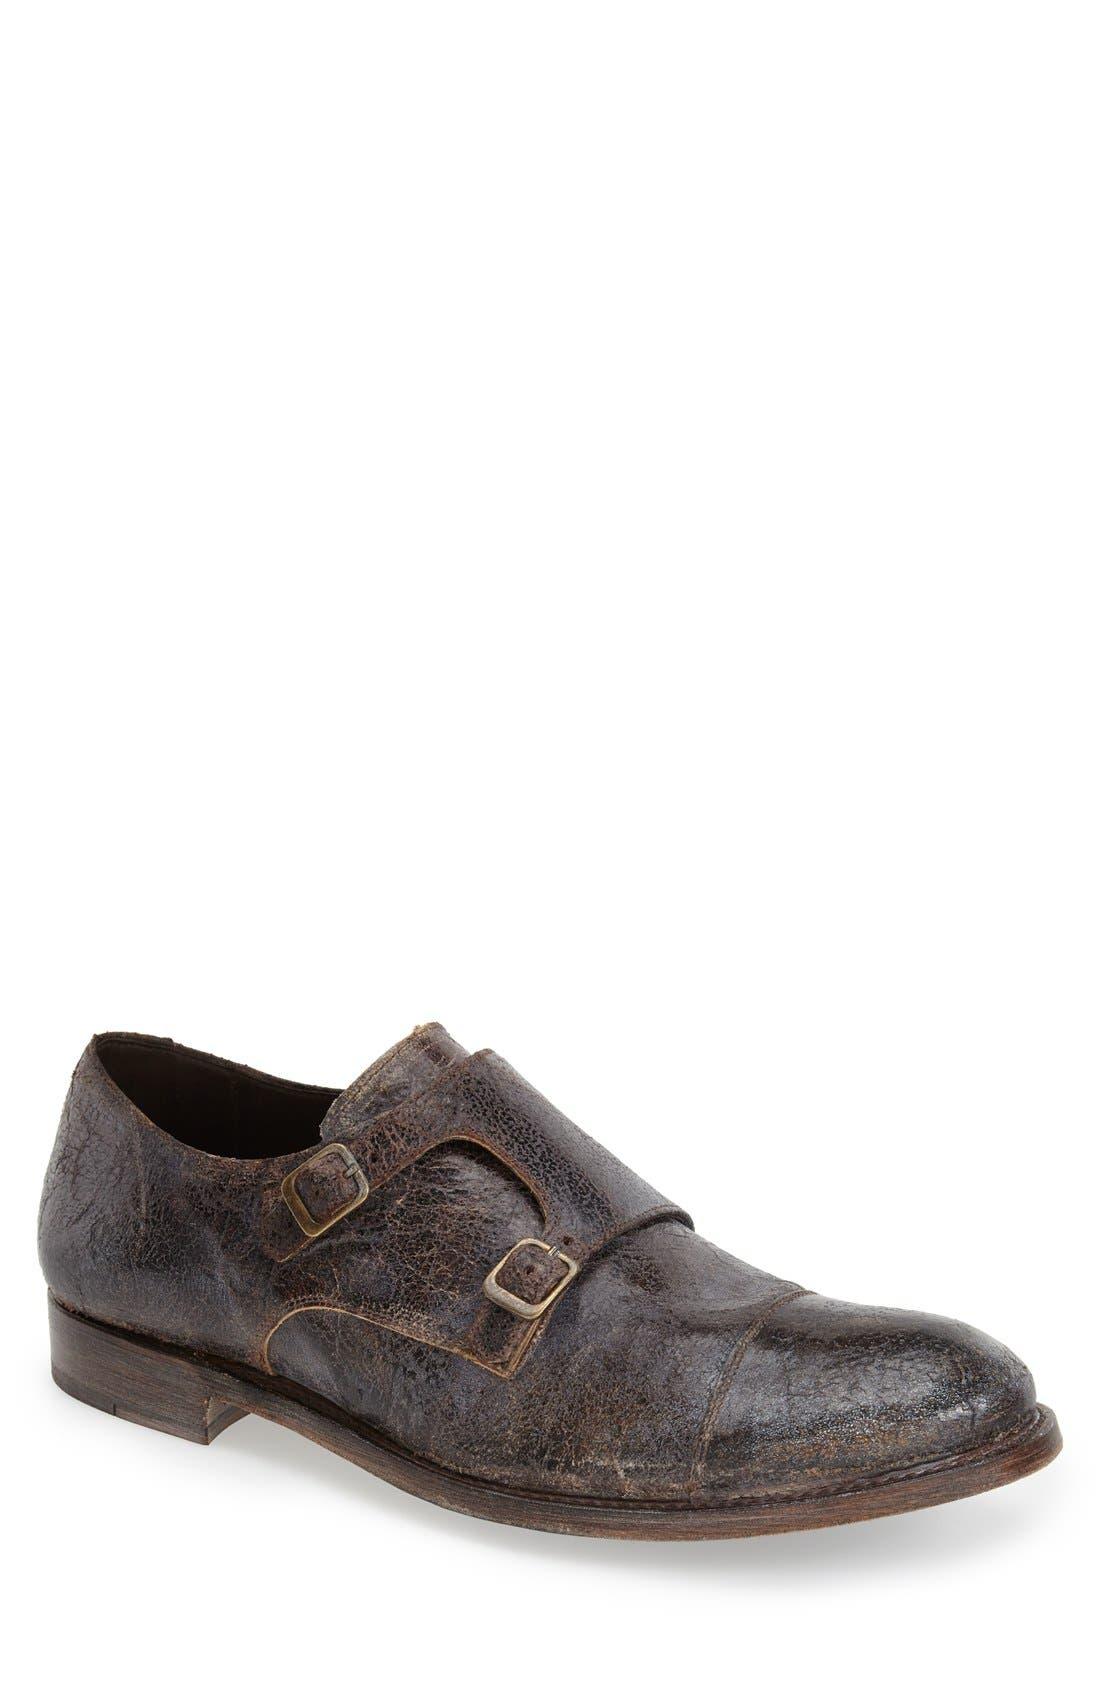 Boots 'Friar Tuk' Double Monk Strap Shoe,                         Main,                         color, Brown Vintage